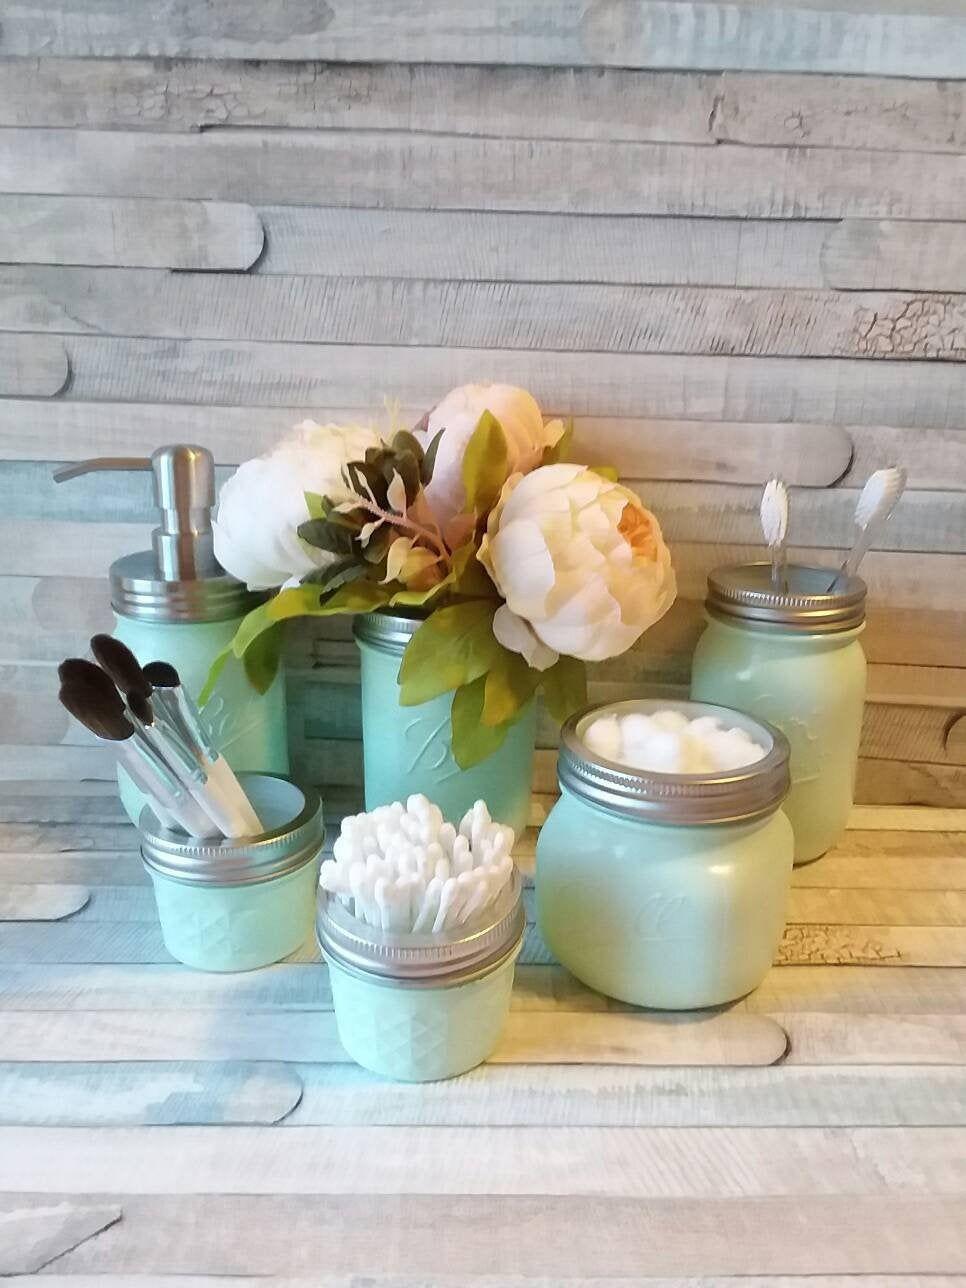 6 Piece Mint Mason Jar Bathroom Set,Modern Farmhouse, Bathroom Storage, Mason Jar Set,Cottage, Mason Jar,Rustic Decor,Farmhouse Decor #masonjarbathroom